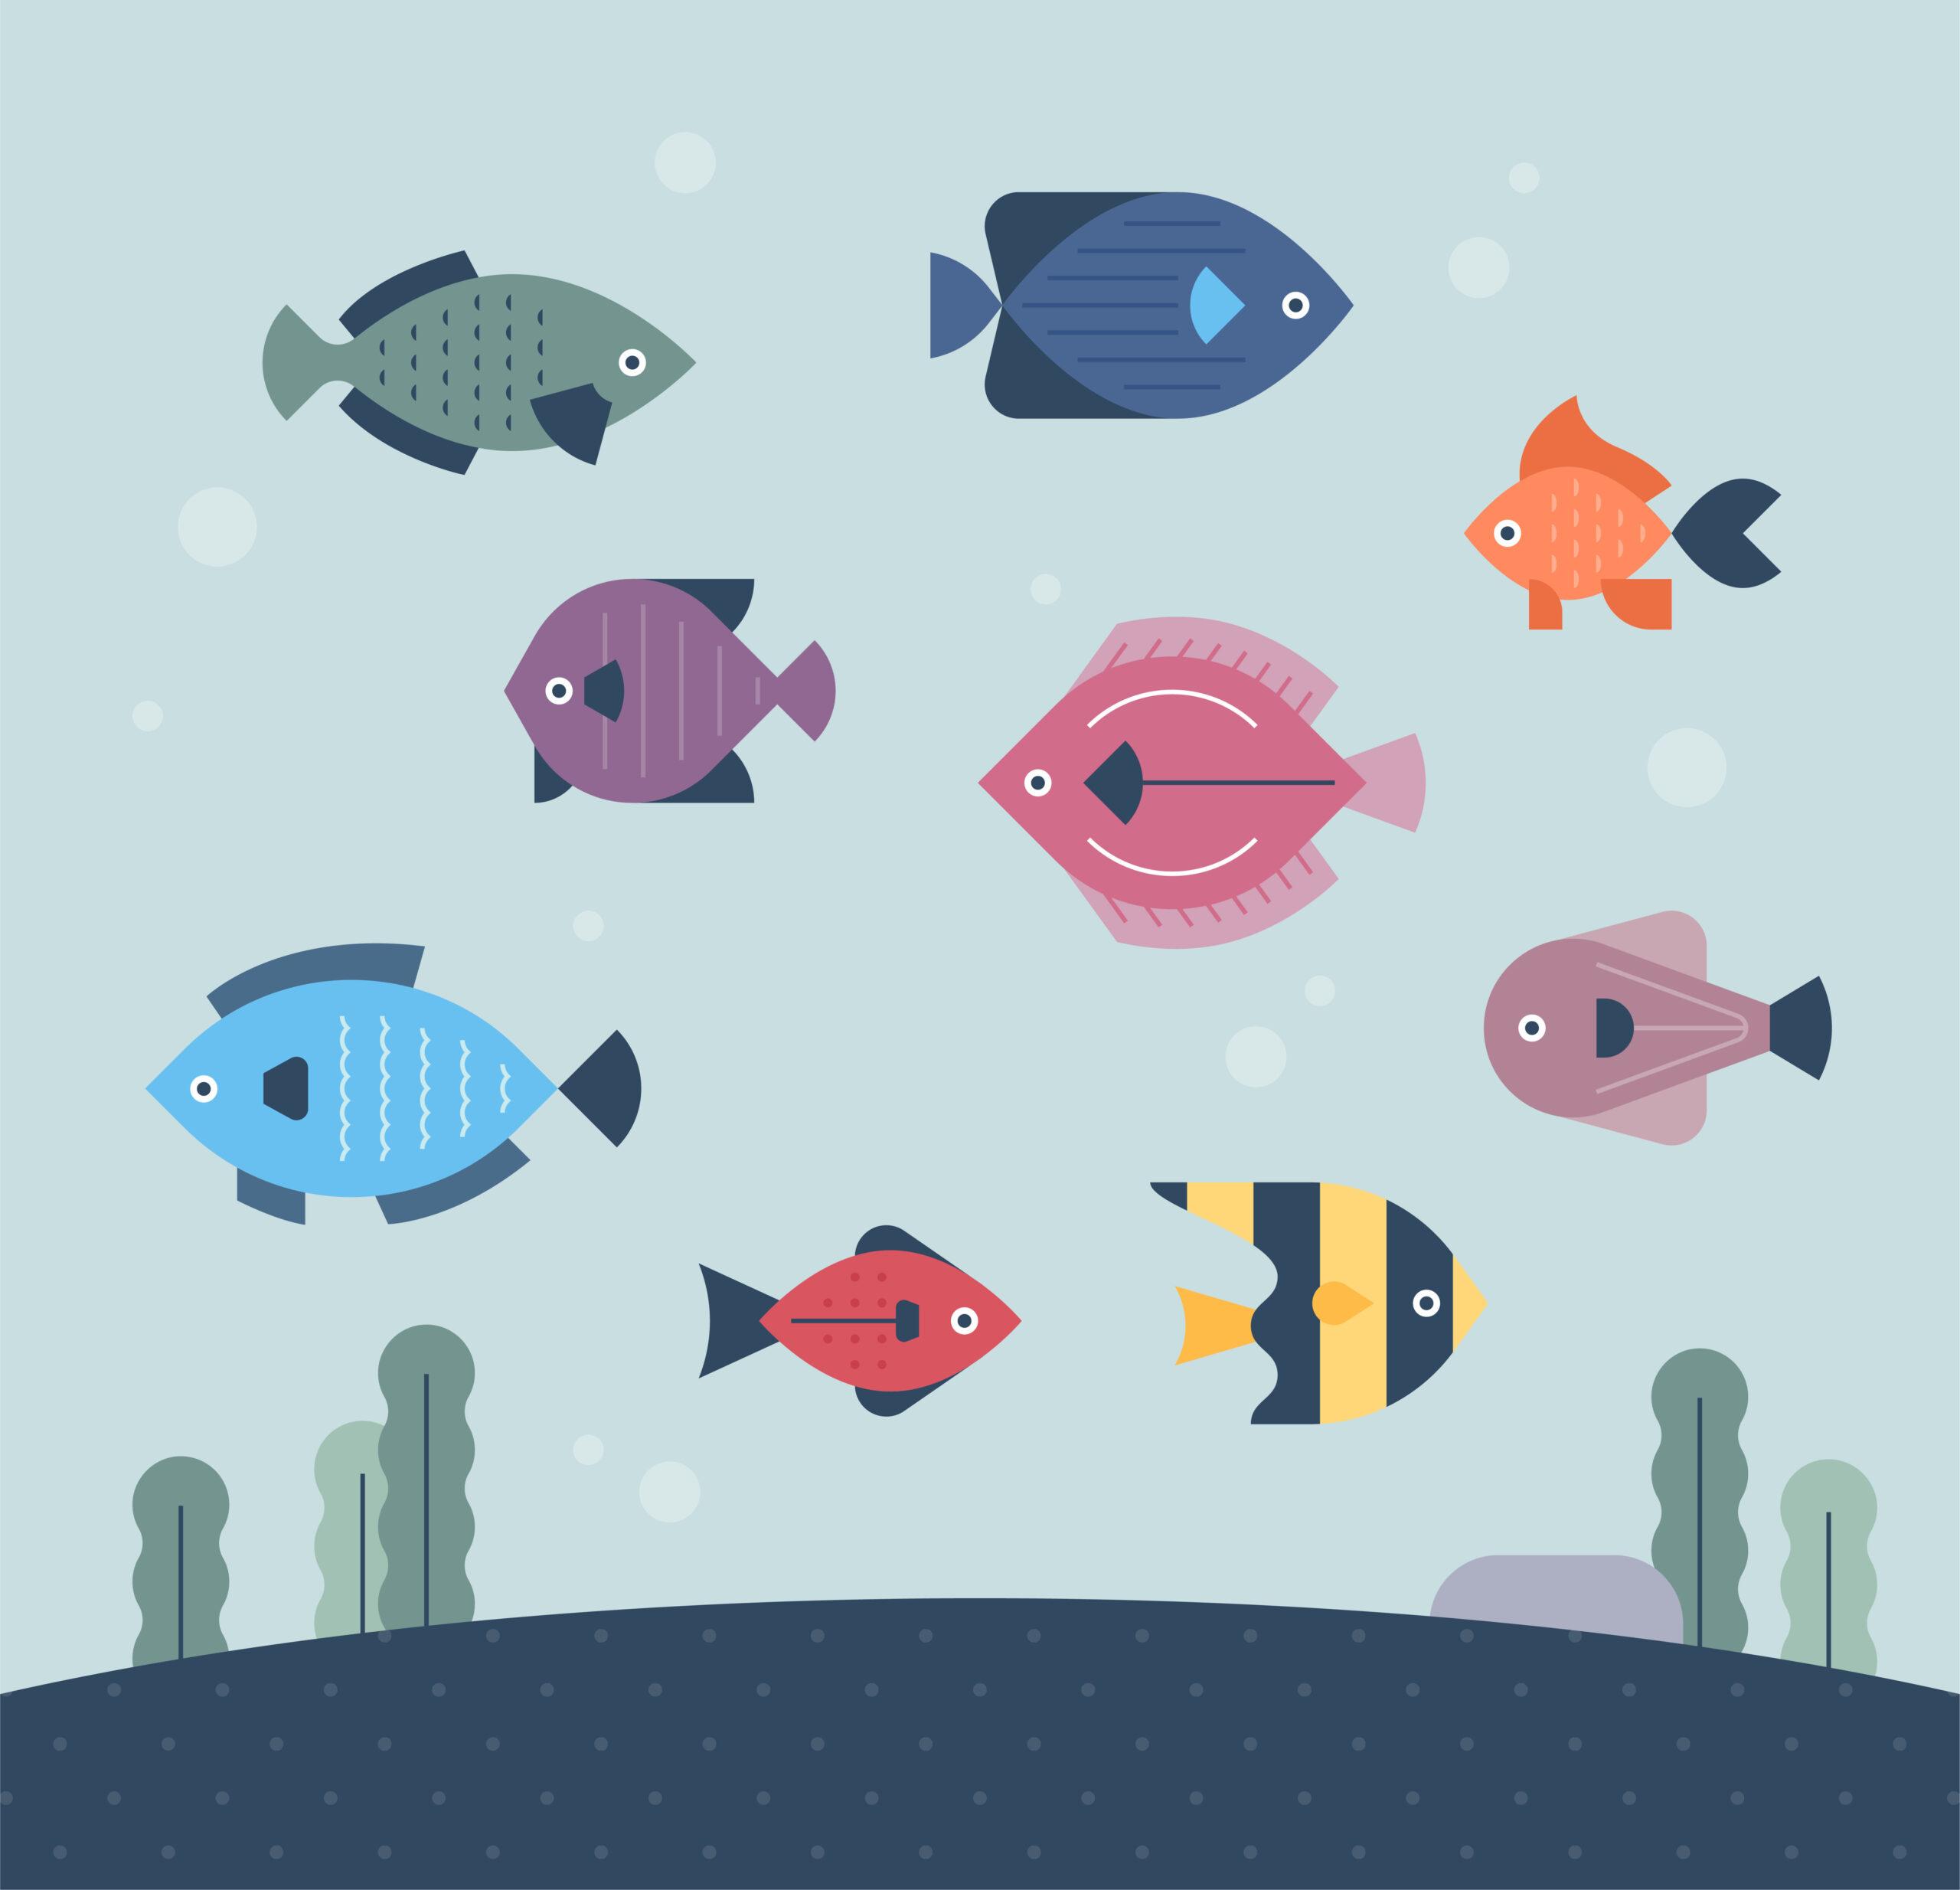 魚の数え方は?